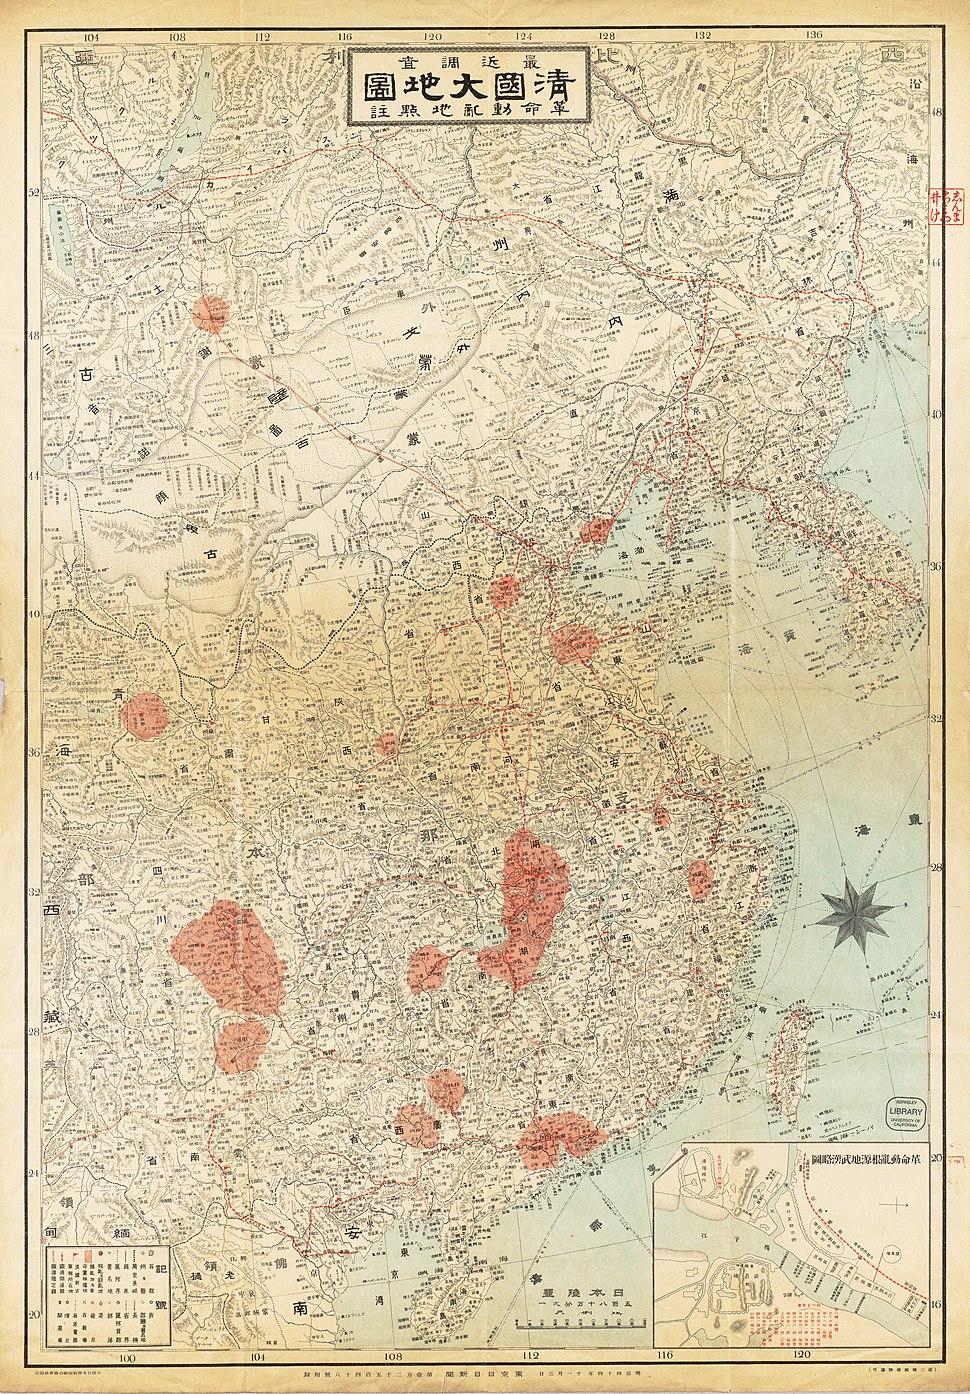 Qing Dynasty Map durnig Xinhai Revolution